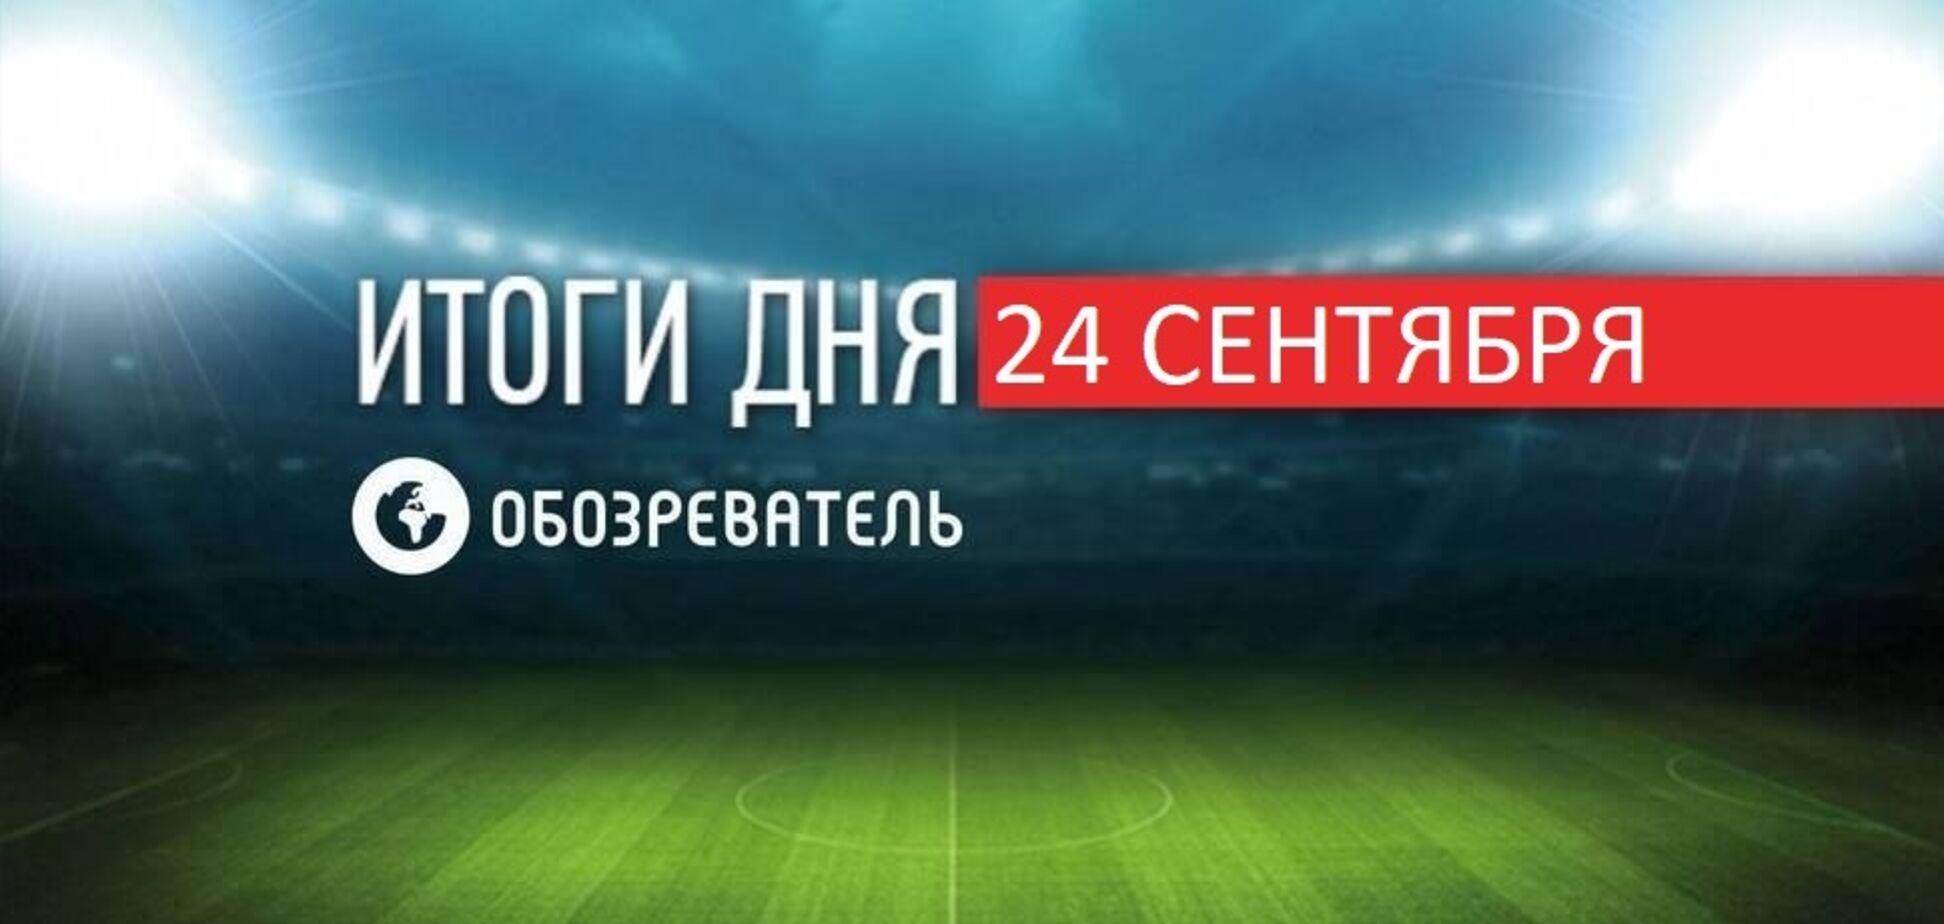 'Динамо' запропонували 25 млн євро за футболіста збірної України: підсумки спорту 24 вересня